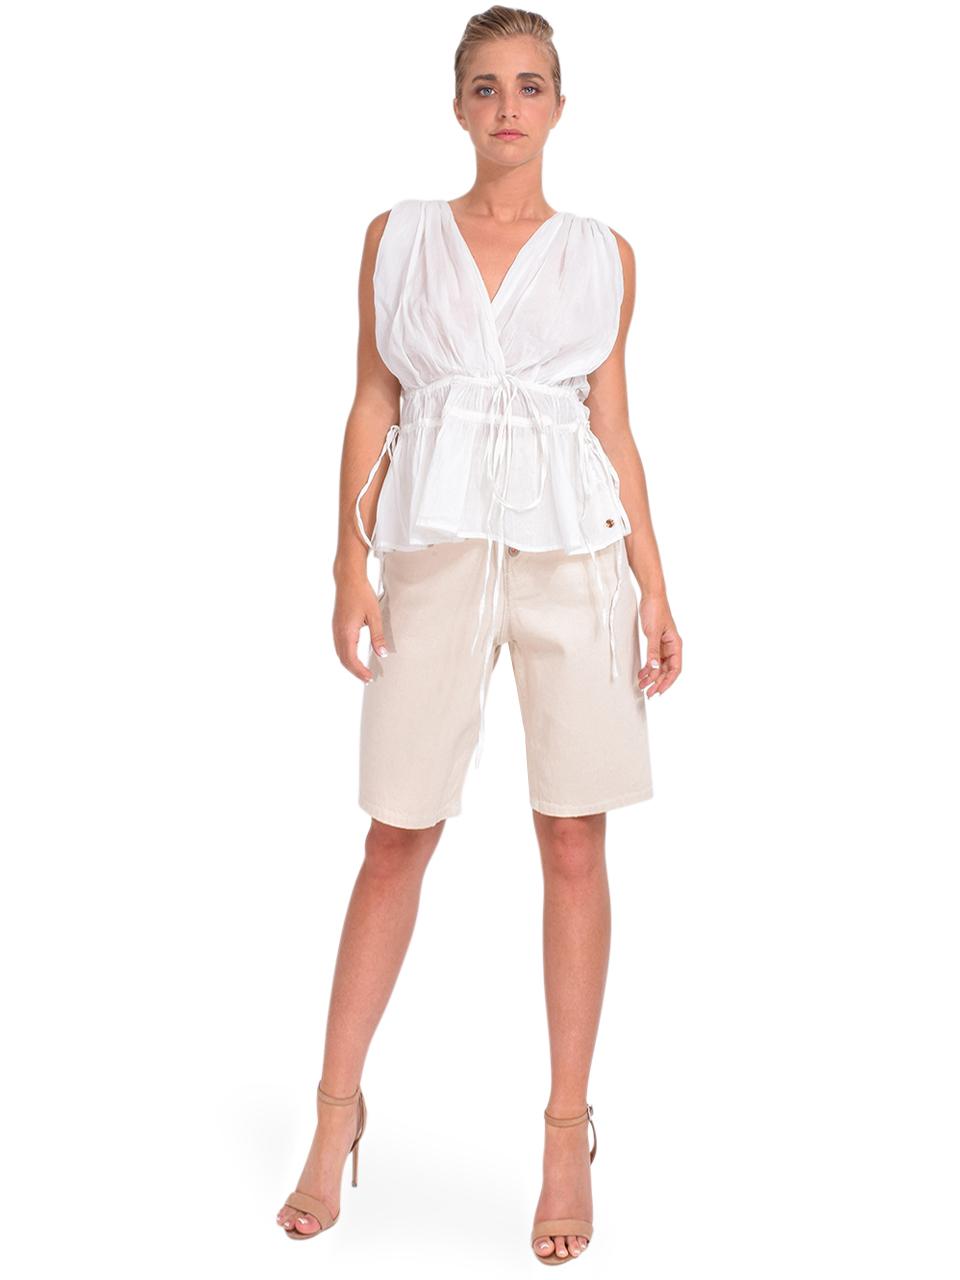 Bellerose Prism Bermuda Short in Natural Full Outfit